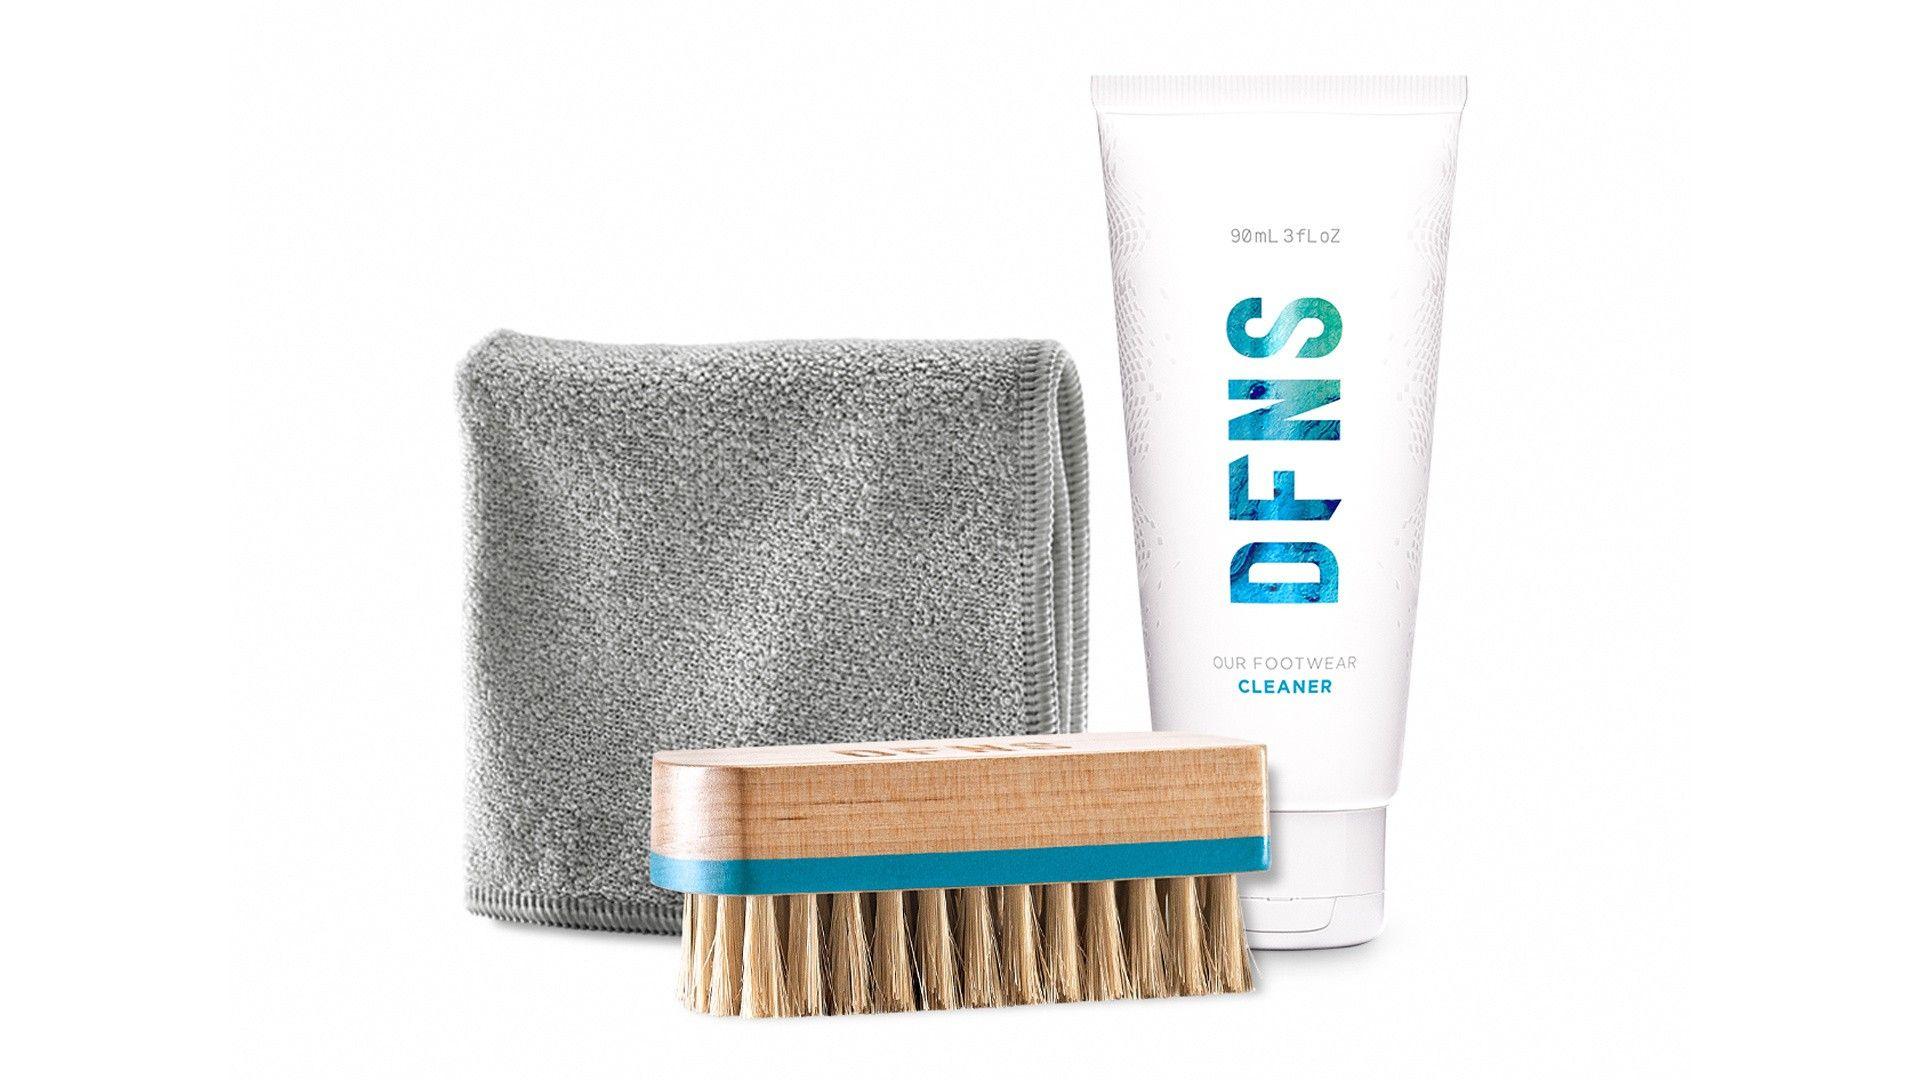 Afbeelding van DFNS Onderhoud DFNS Footwear Cleaner - Kit x 3191102